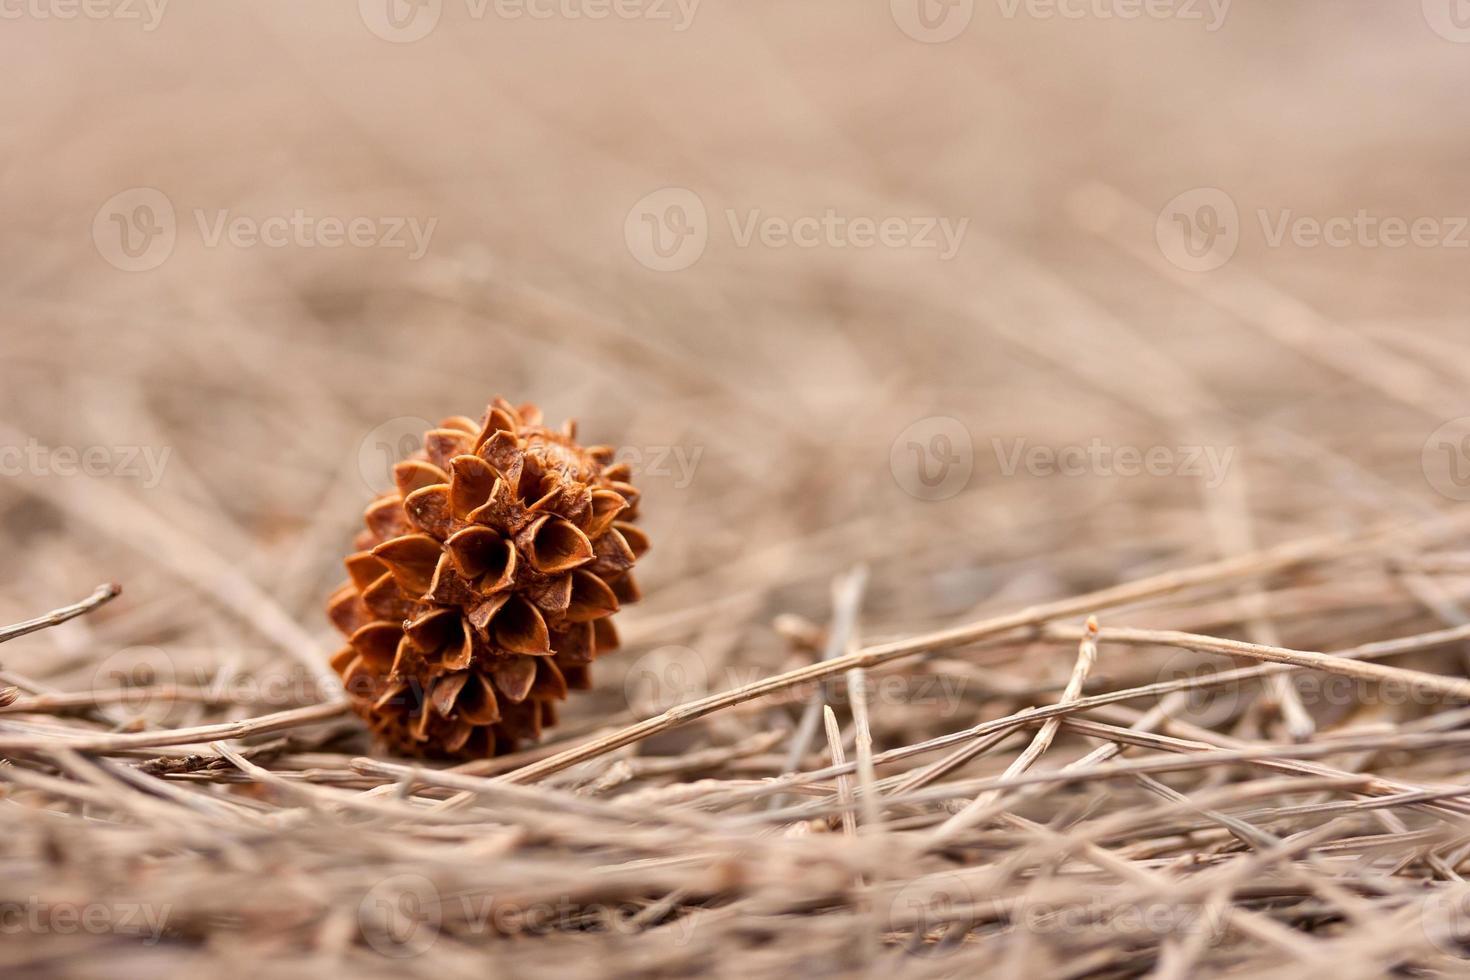 Fallen cone photo